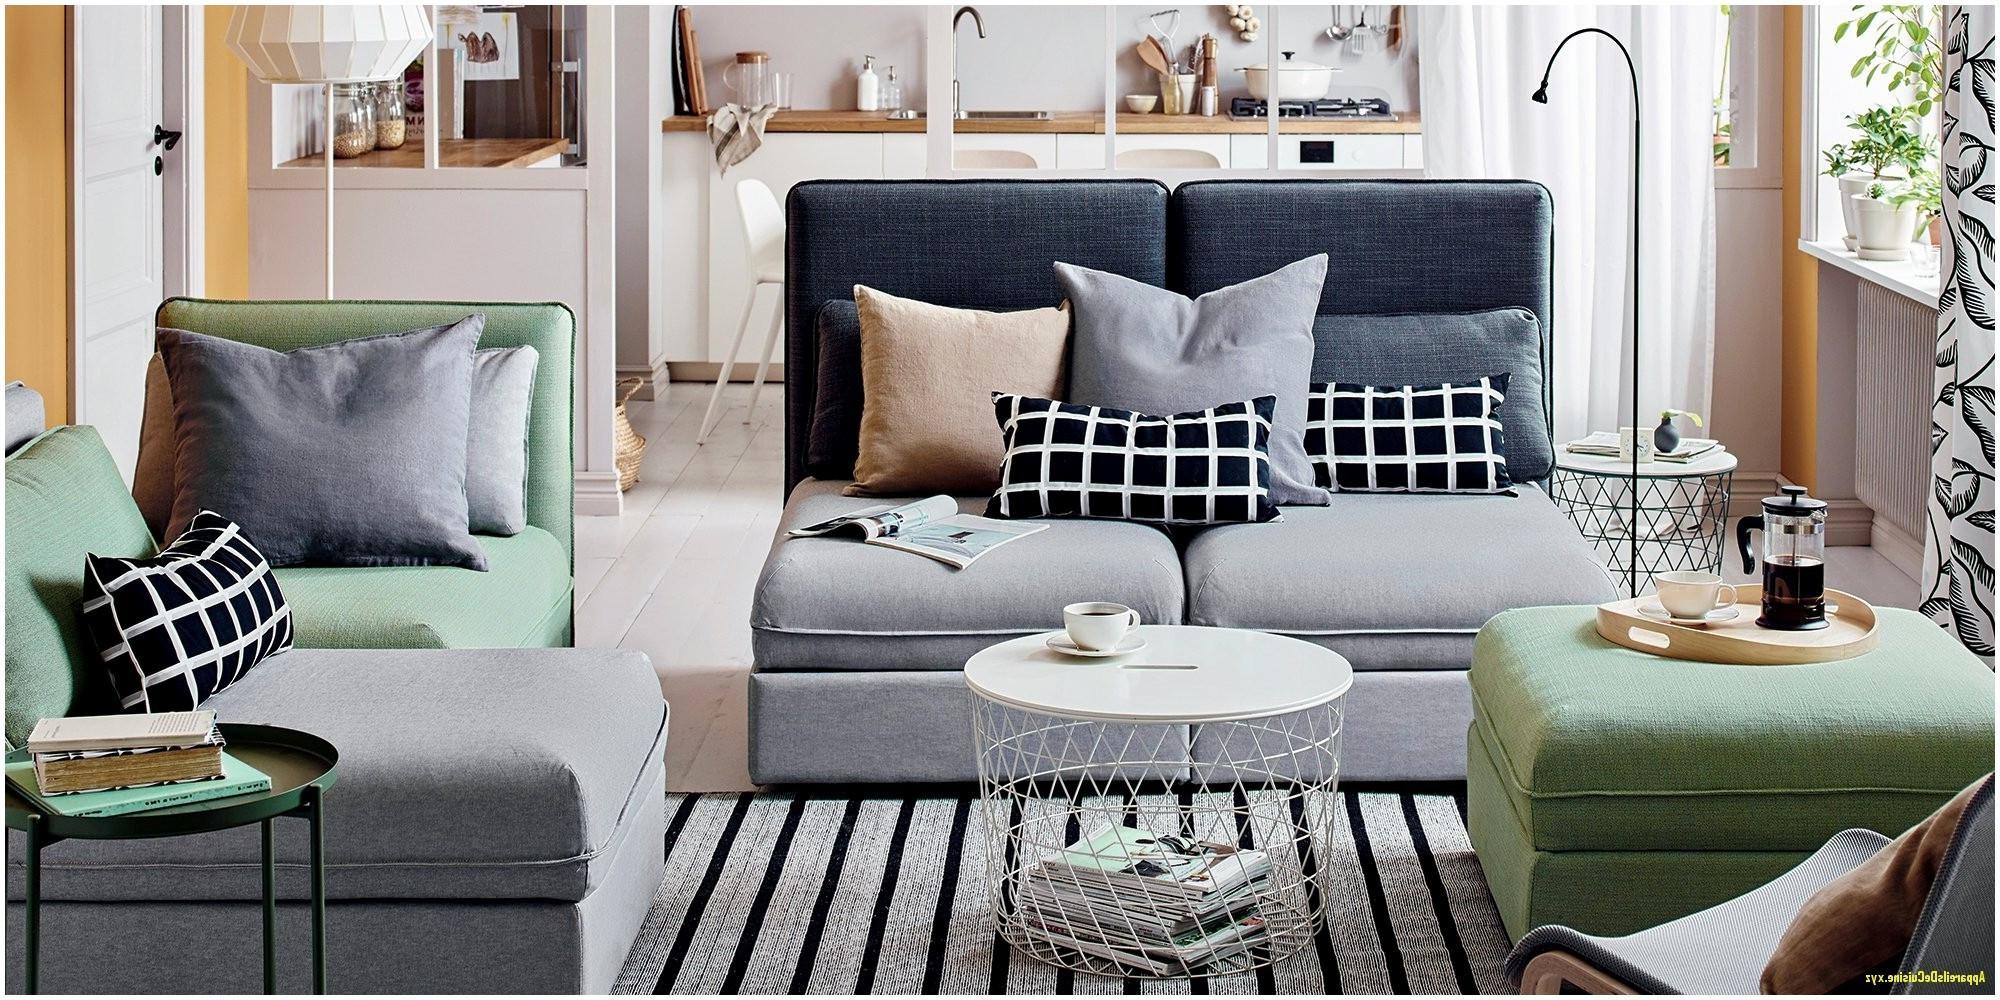 meuble pour salon meilleur de 40 de meuble pour salon opinion of meuble pour salon